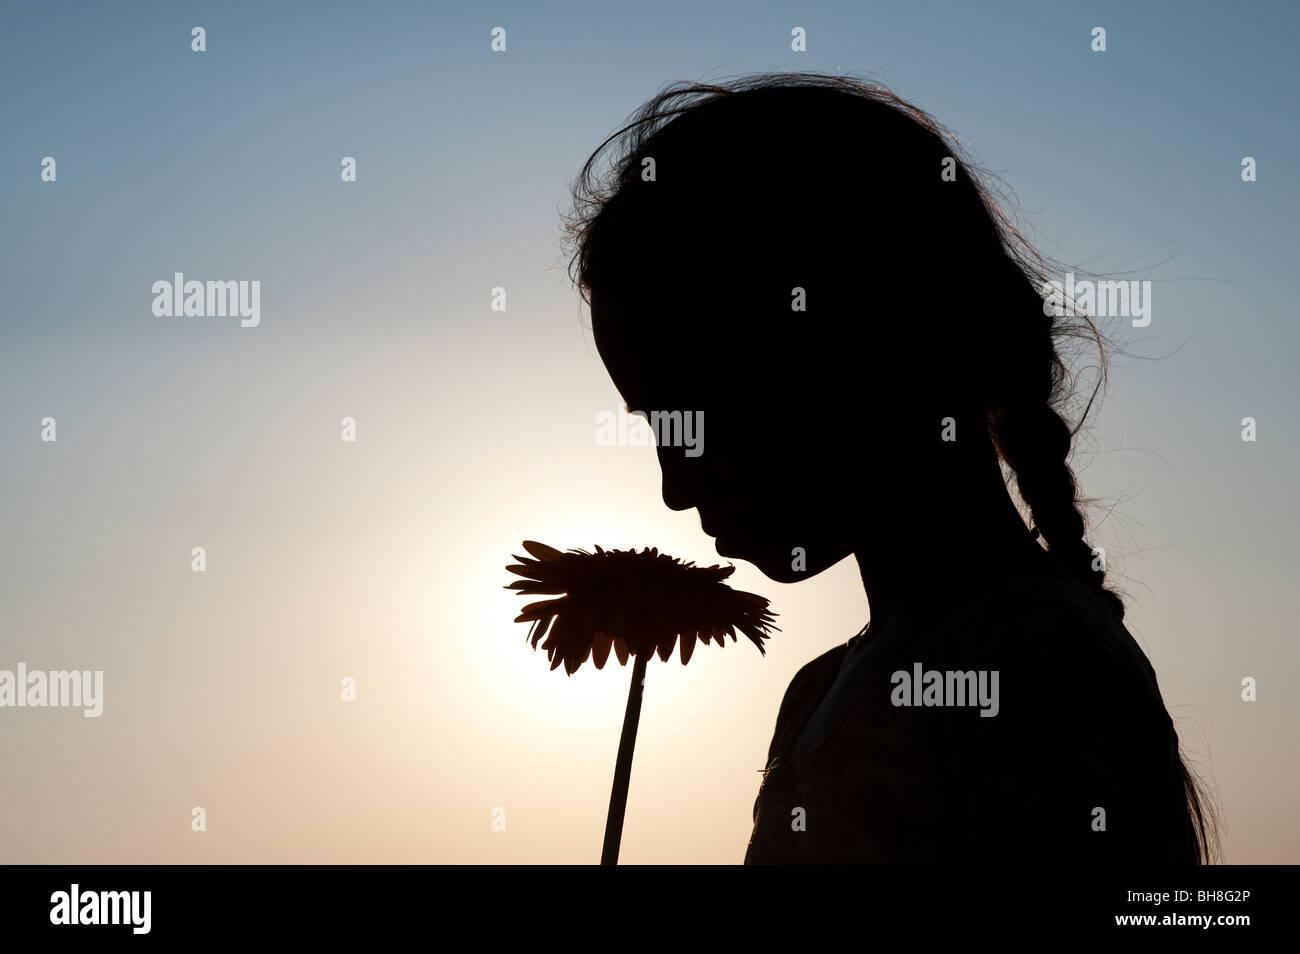 Siluetas Perfil De Un Joven Indígena Sosteniendo Una Flor